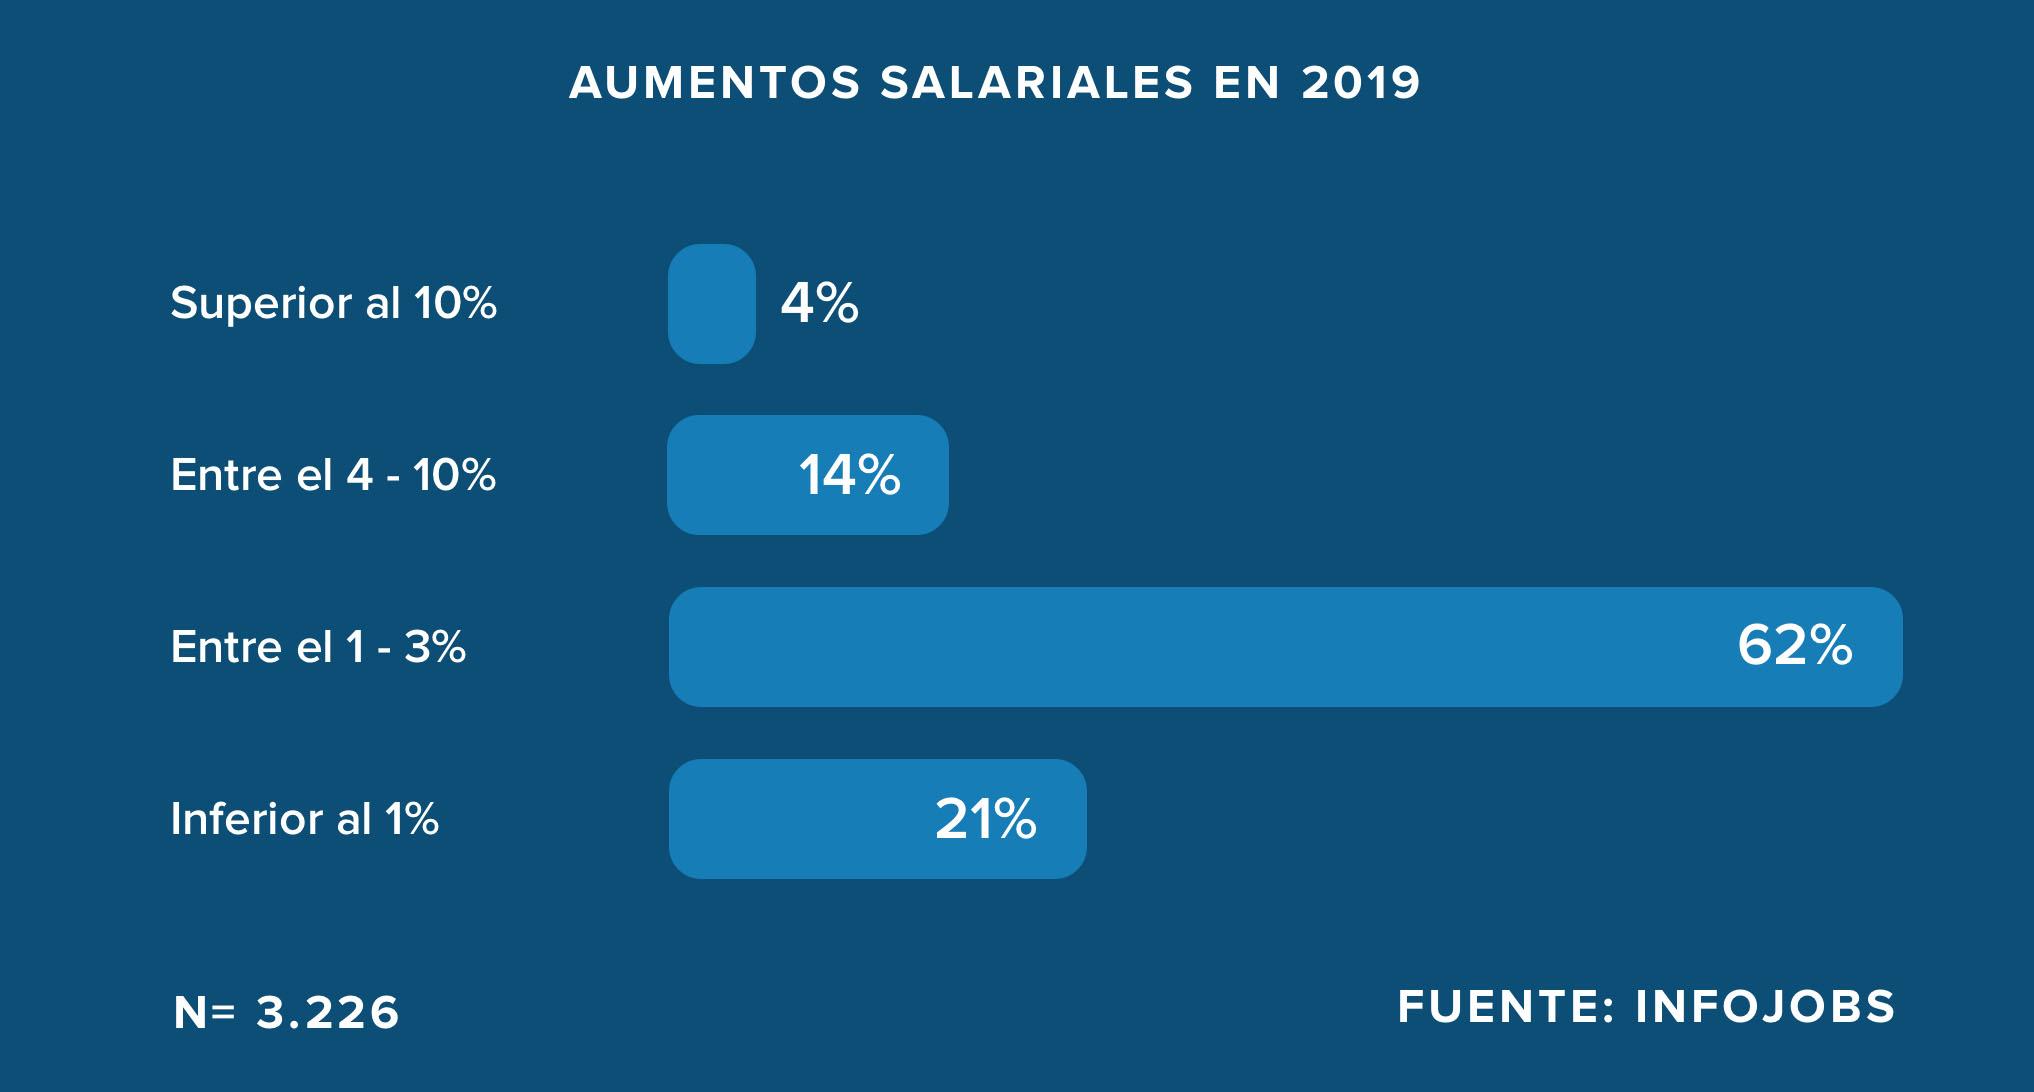 Aumento salarial 2019